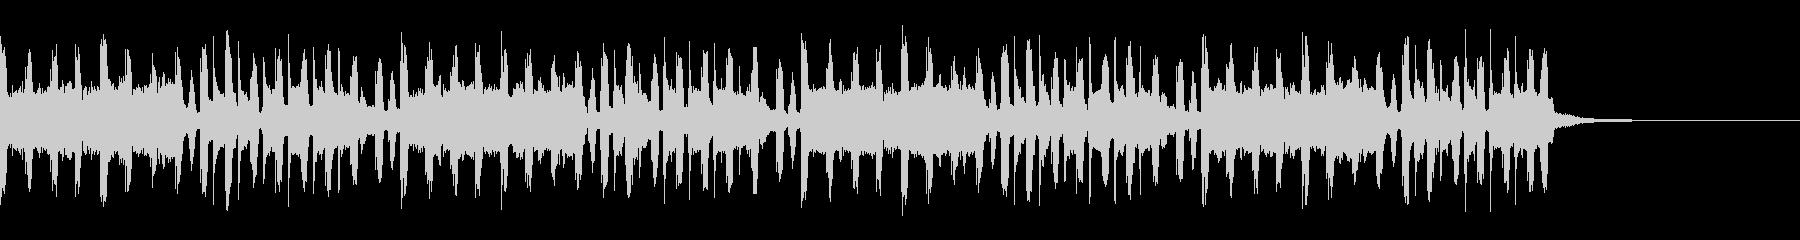 【30秒】緊迫感のあるBGMの未再生の波形